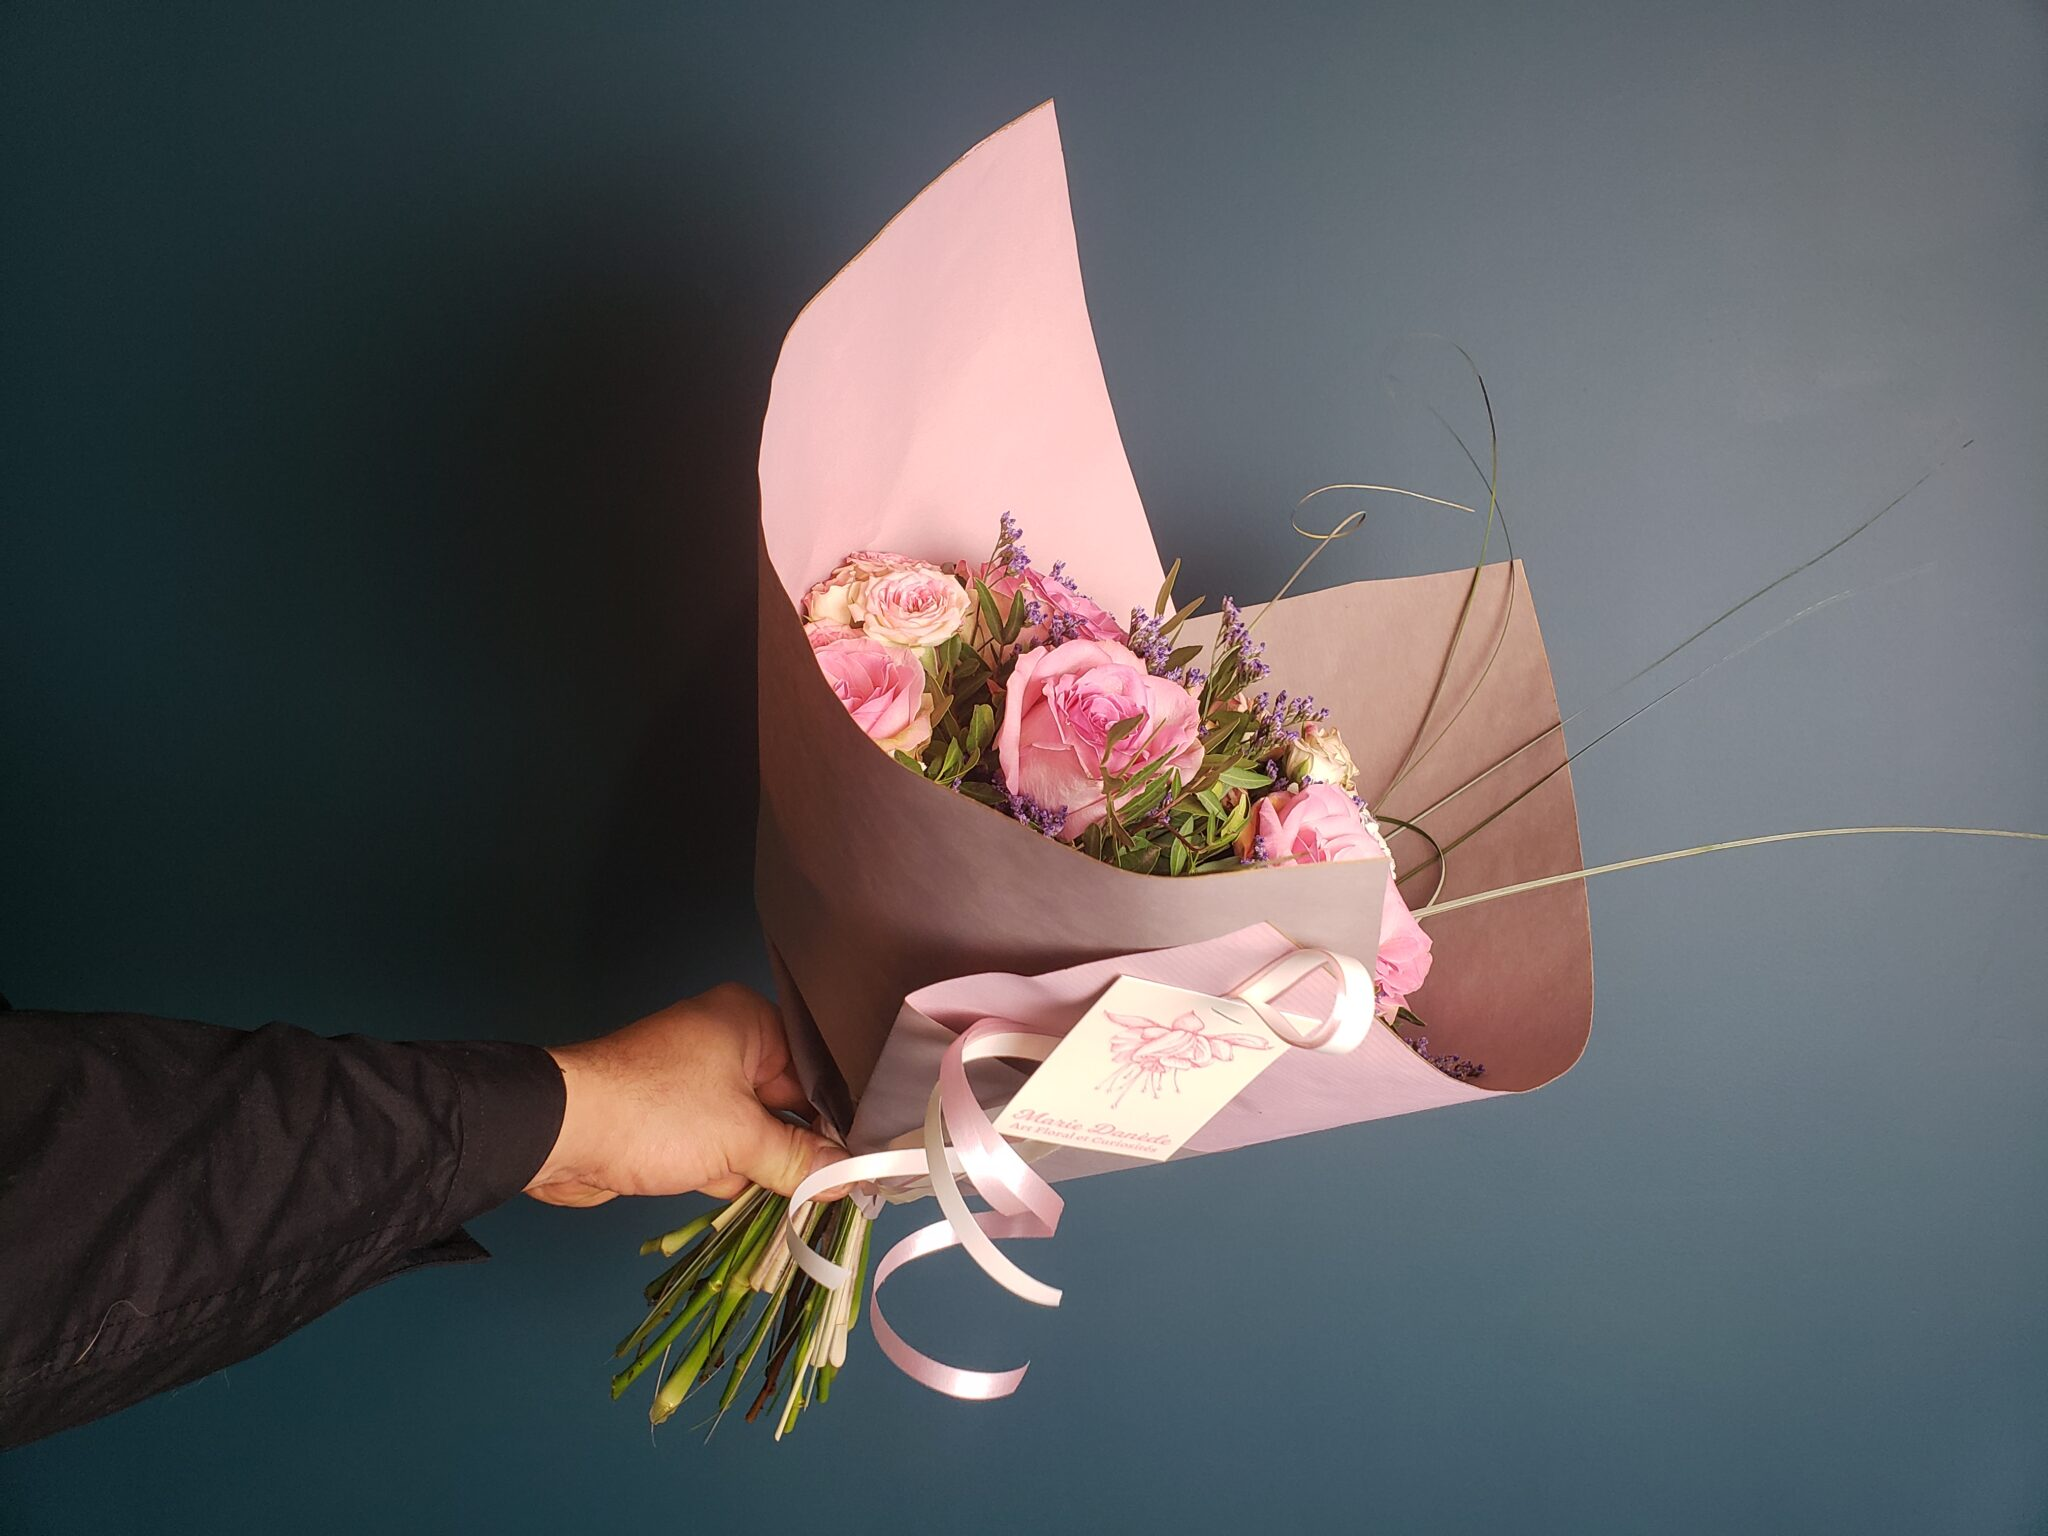 Vous avez reçu un bouquet et vous souhaitez le conserver le plus longtemps possible, voici nos conseils et astuces en images.... [https://www.mariedanede.fr/blog/astuces/comment-garder-son-bouquet-de-fleurs-longtemps/]